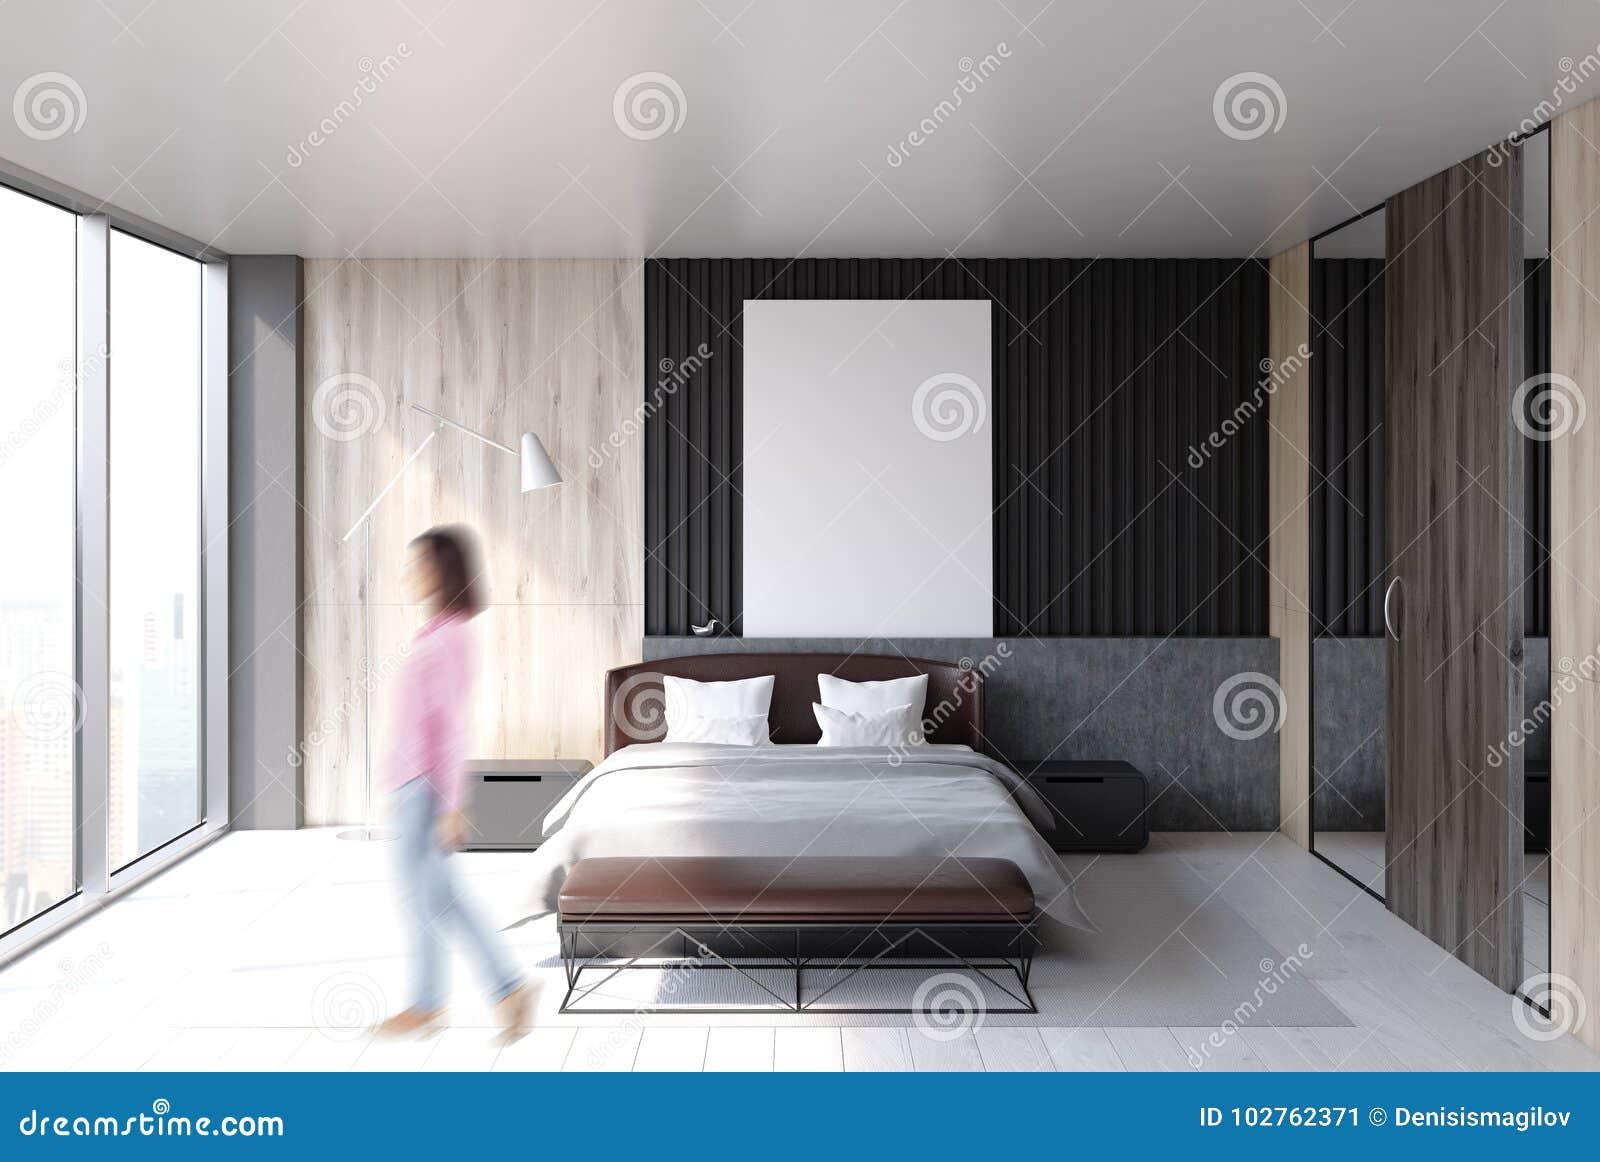 Intérieur De Chambre à Coucher De Grenier, Affiche, Femme